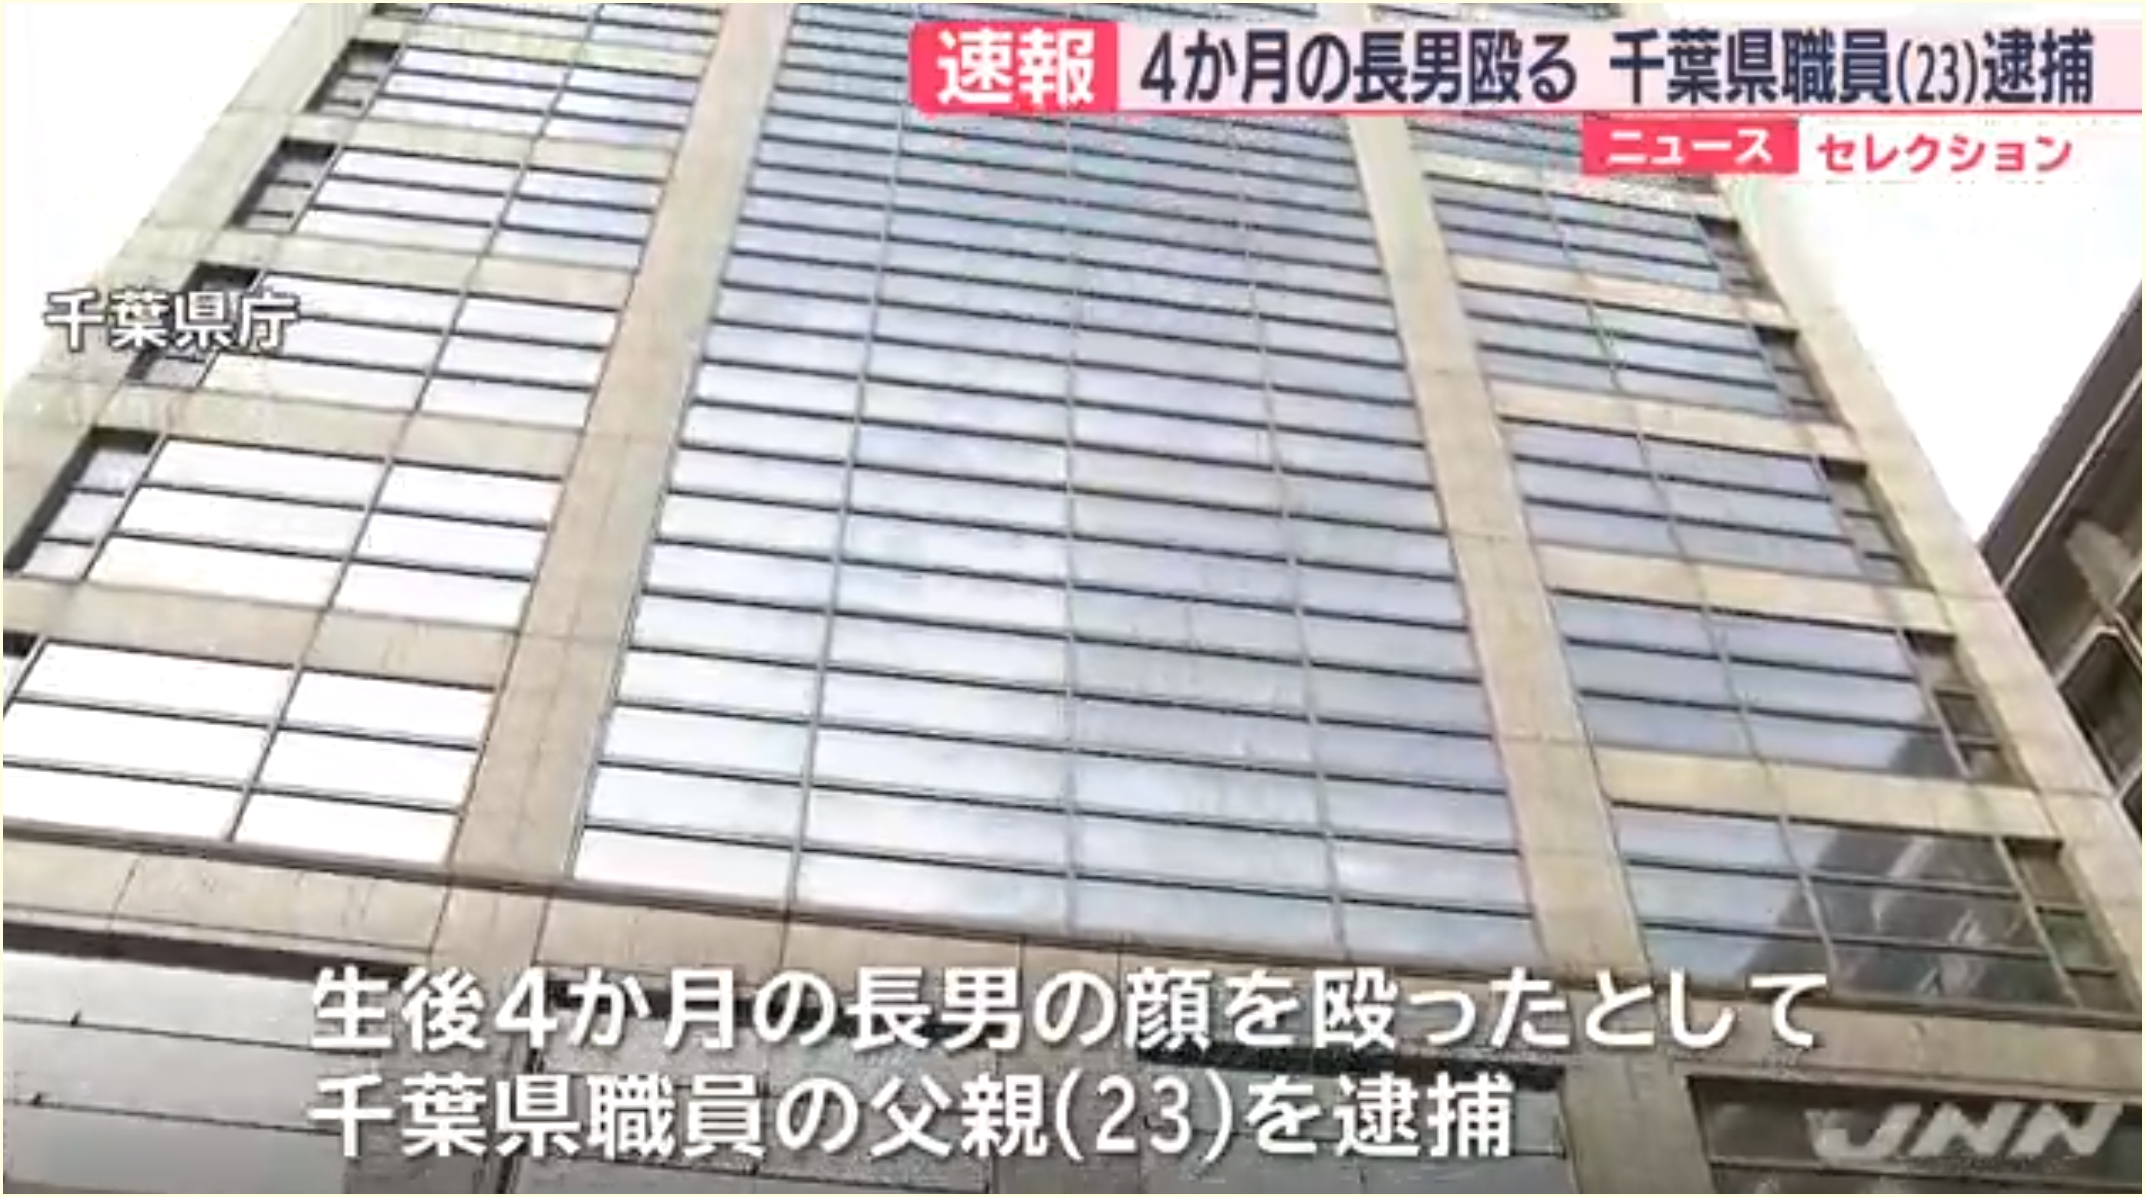 石谷健二,顔画像,Facebook,4ヵ月長男,虐待,母親,妻,千葉県職員